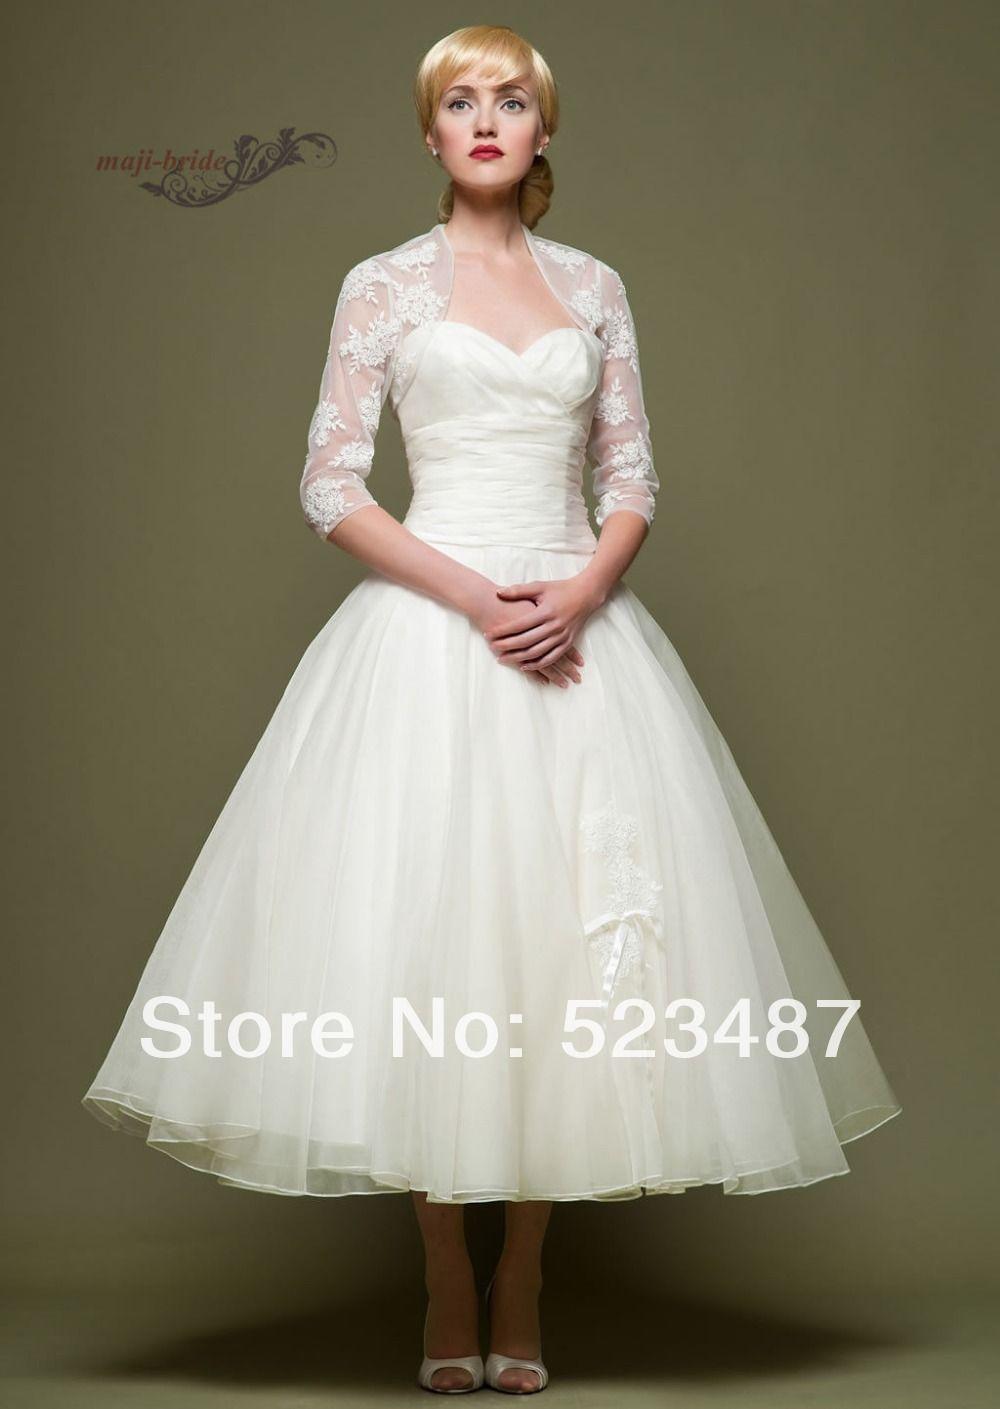 Trouwjurken On Aliexpress Com From 167 0 Short Wedding Dress Ankle Length Wedding Dress Tea Length Wedding Dress [ 1409 x 1000 Pixel ]